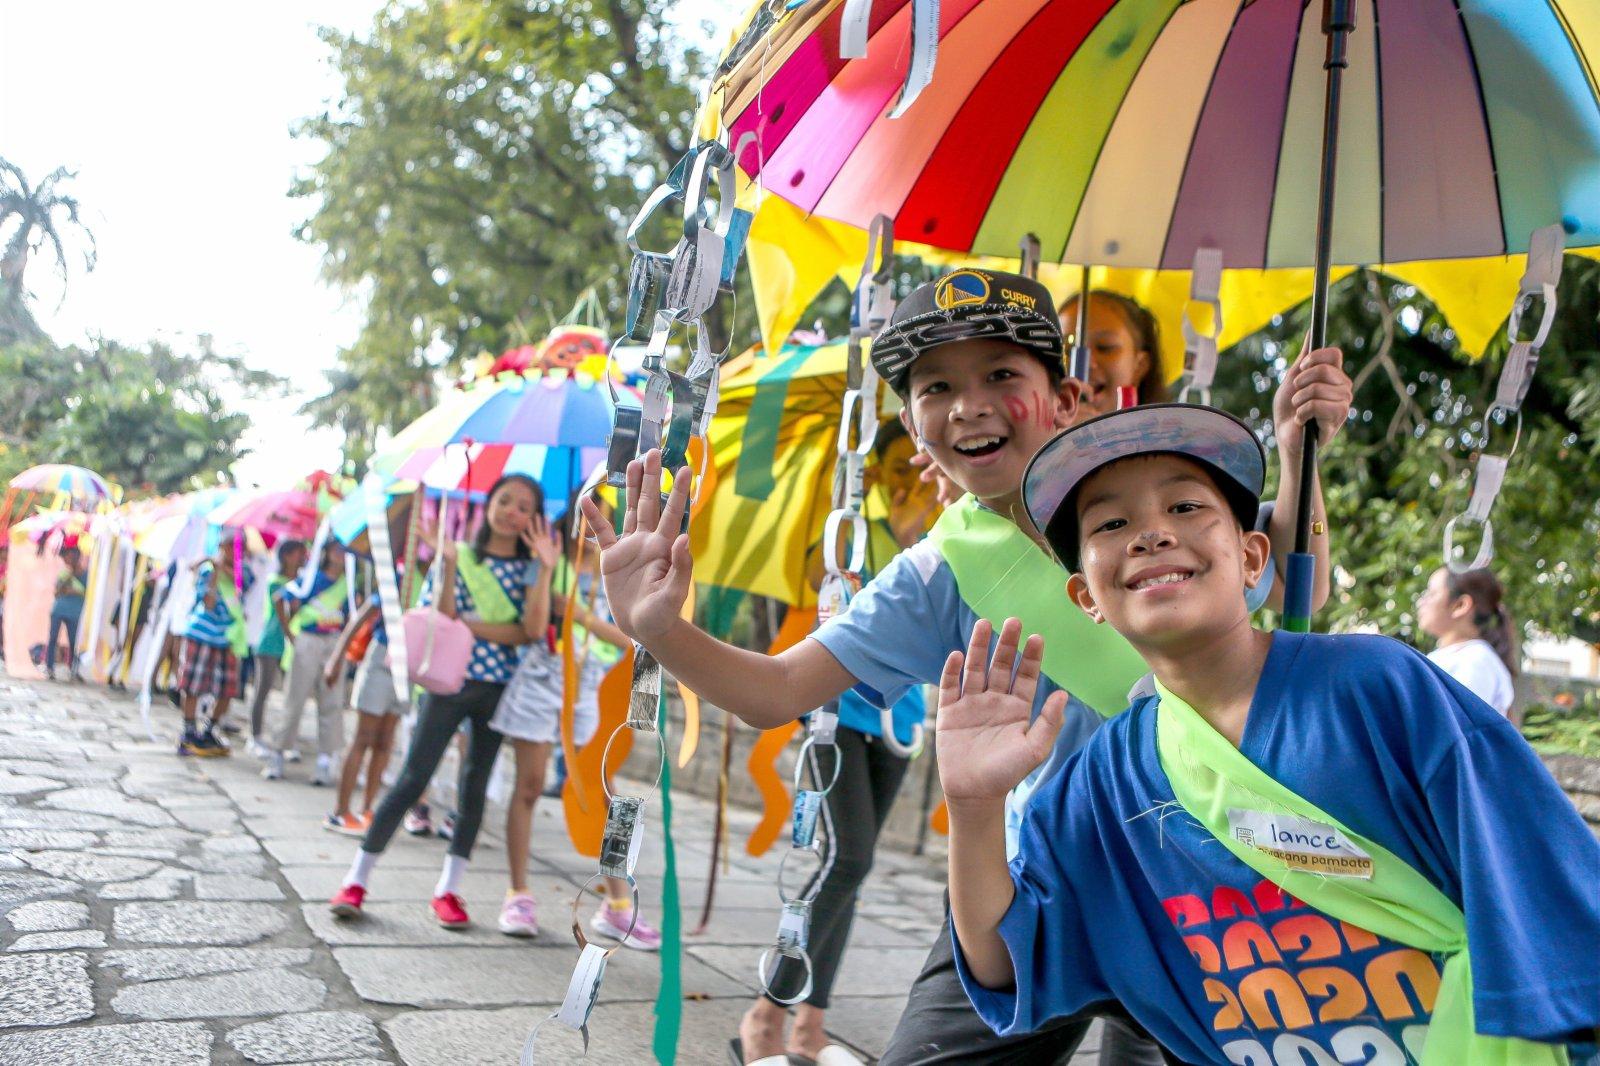 1月25日,在菲律賓馬尼拉,孩子們身著回收材料製作的服飾參加「兒童遊行」。(新華社)